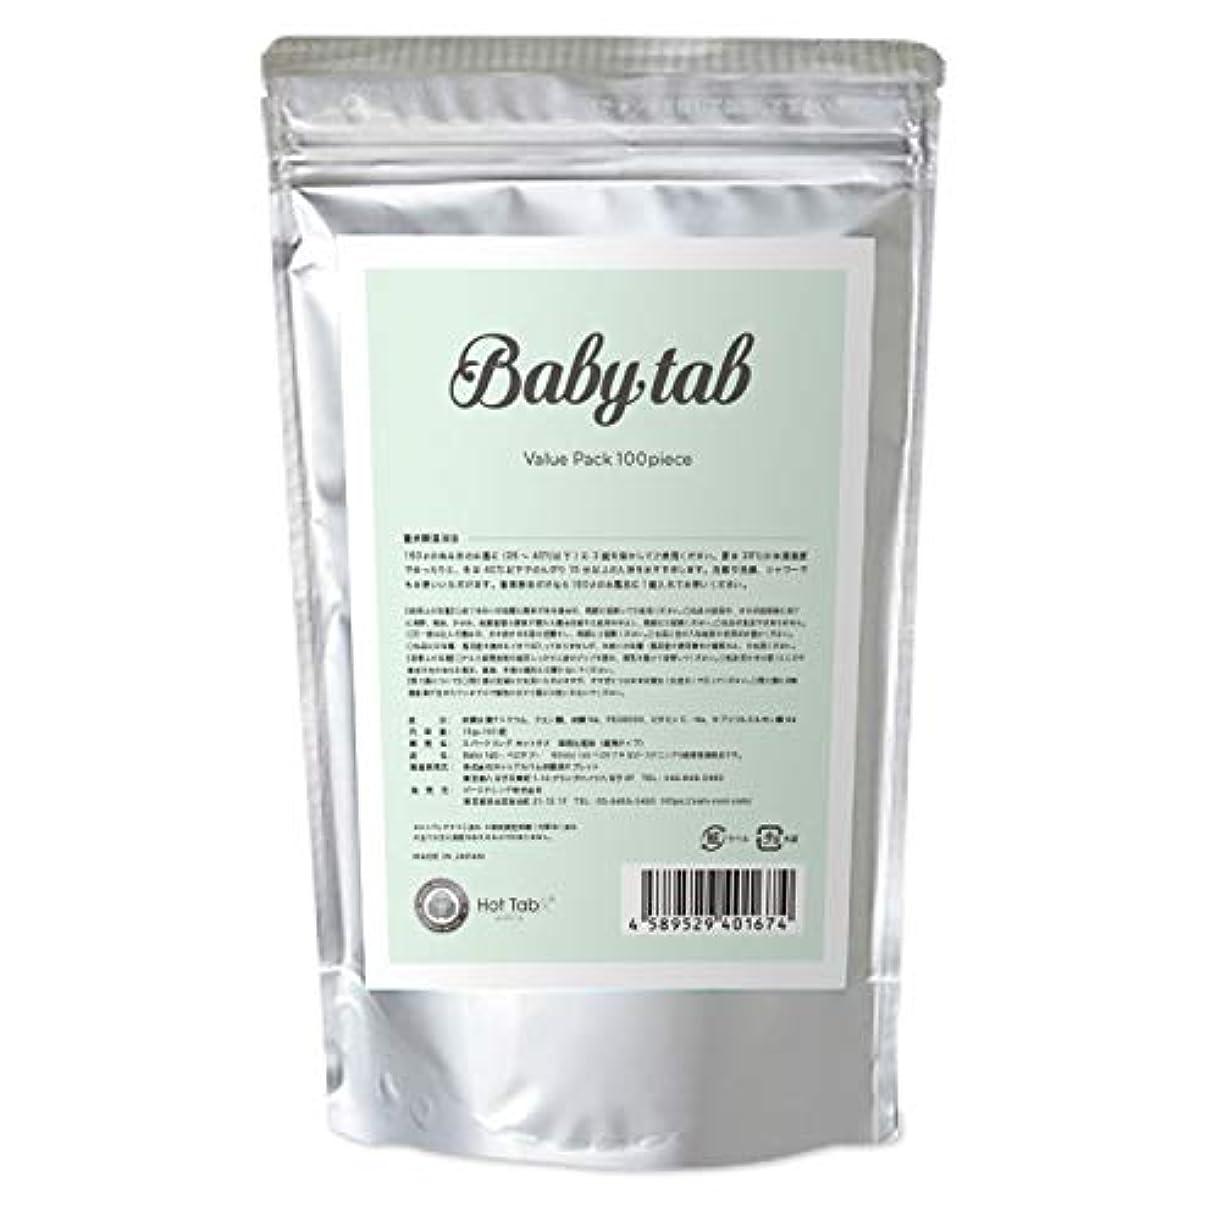 可愛いオーバーフロースタックベビタブ【Babytab】重炭酸 中性 入浴剤 沐浴剤 100錠入り(無添加 無香料 保湿 乾燥肌 オーガニック 塩素除去)赤ちゃんから使える